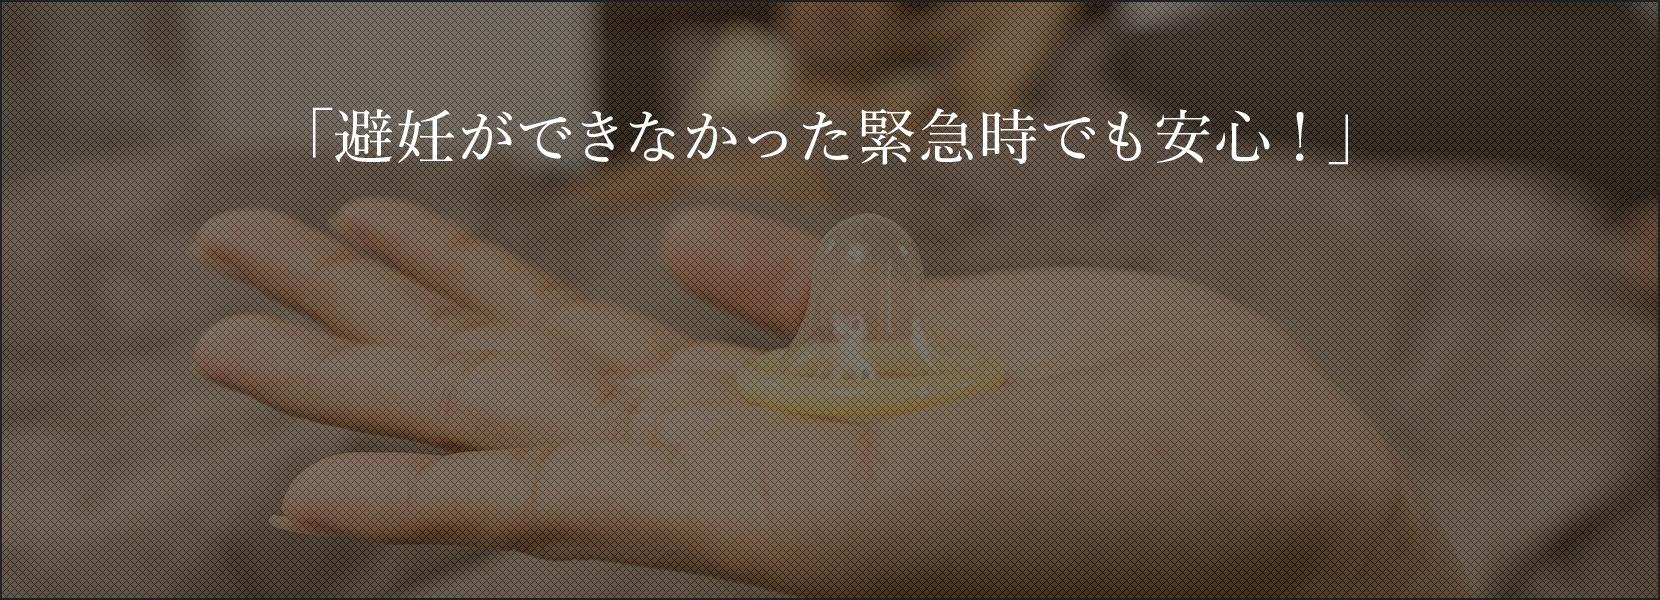 緊急避妊薬アフターピル、避妊ができなかった緊急時でも安心